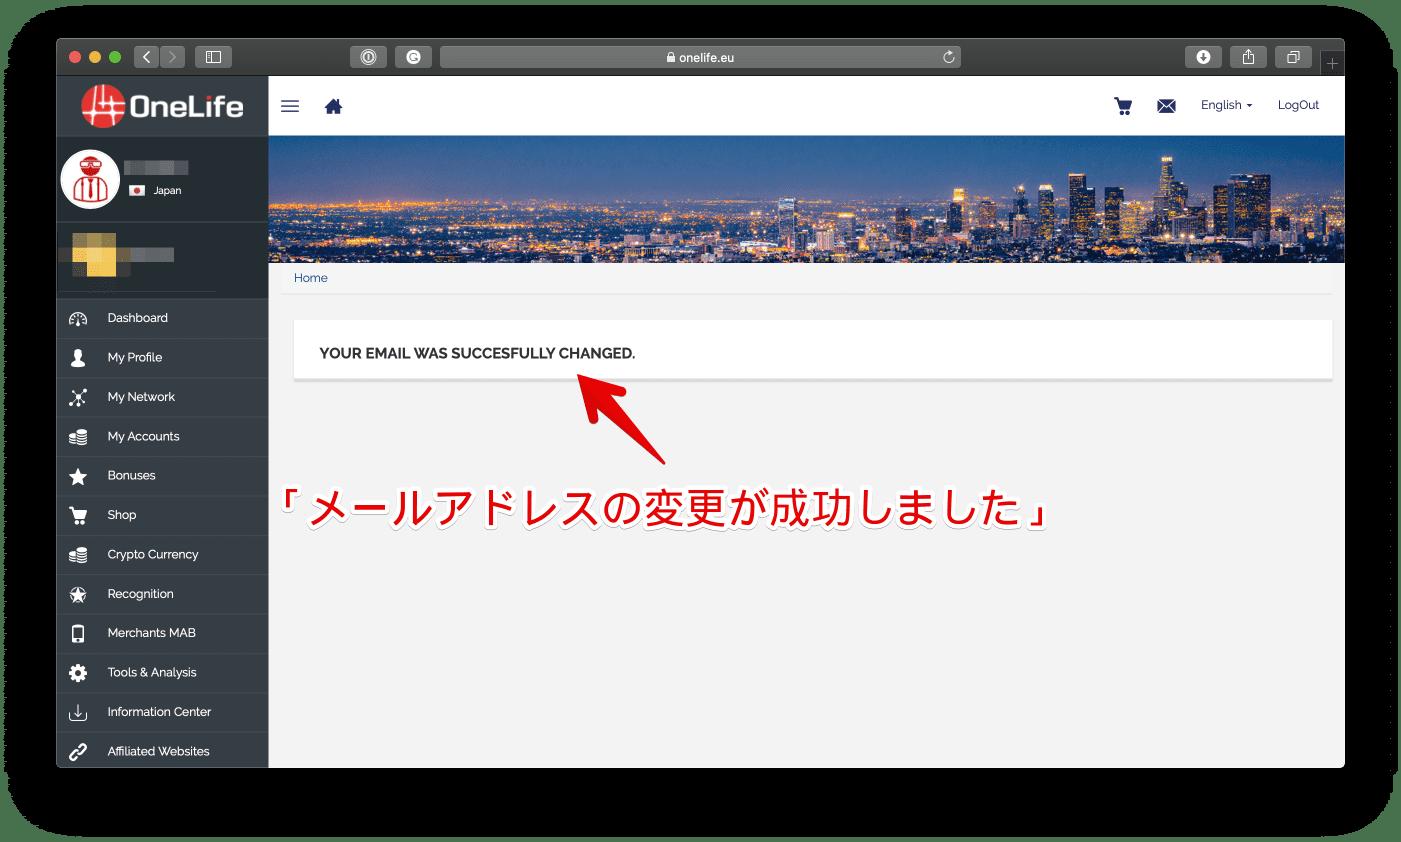 注: プロフィールを開いて、メールアドレスが変更されていることをご確認ください。